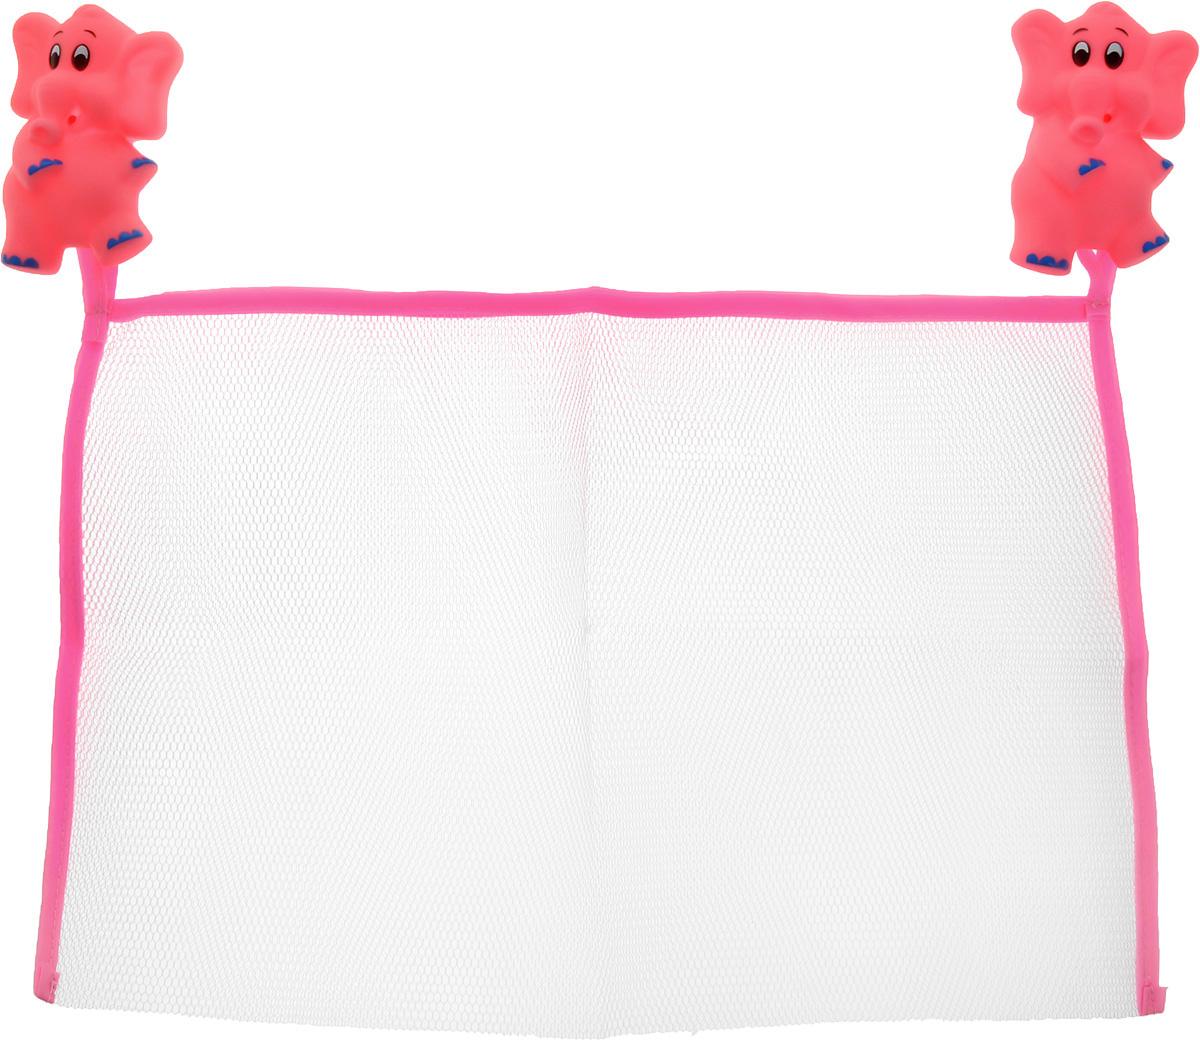 Valiant Сетка настенная на присосках для аксессуаров Слоники -  Контейнеры для игрушек, ковши